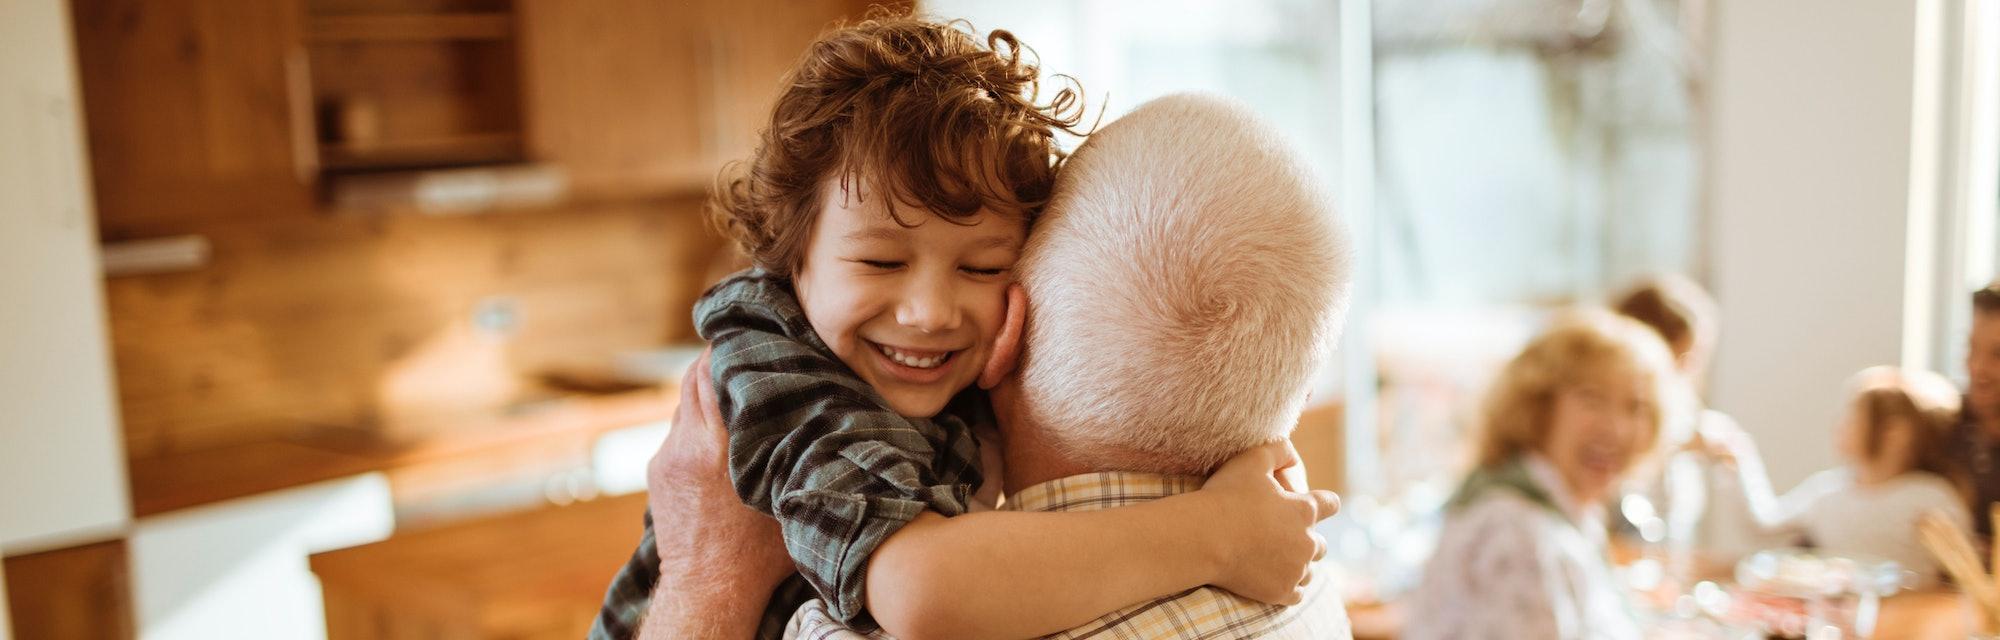 little boy hugging grandparent